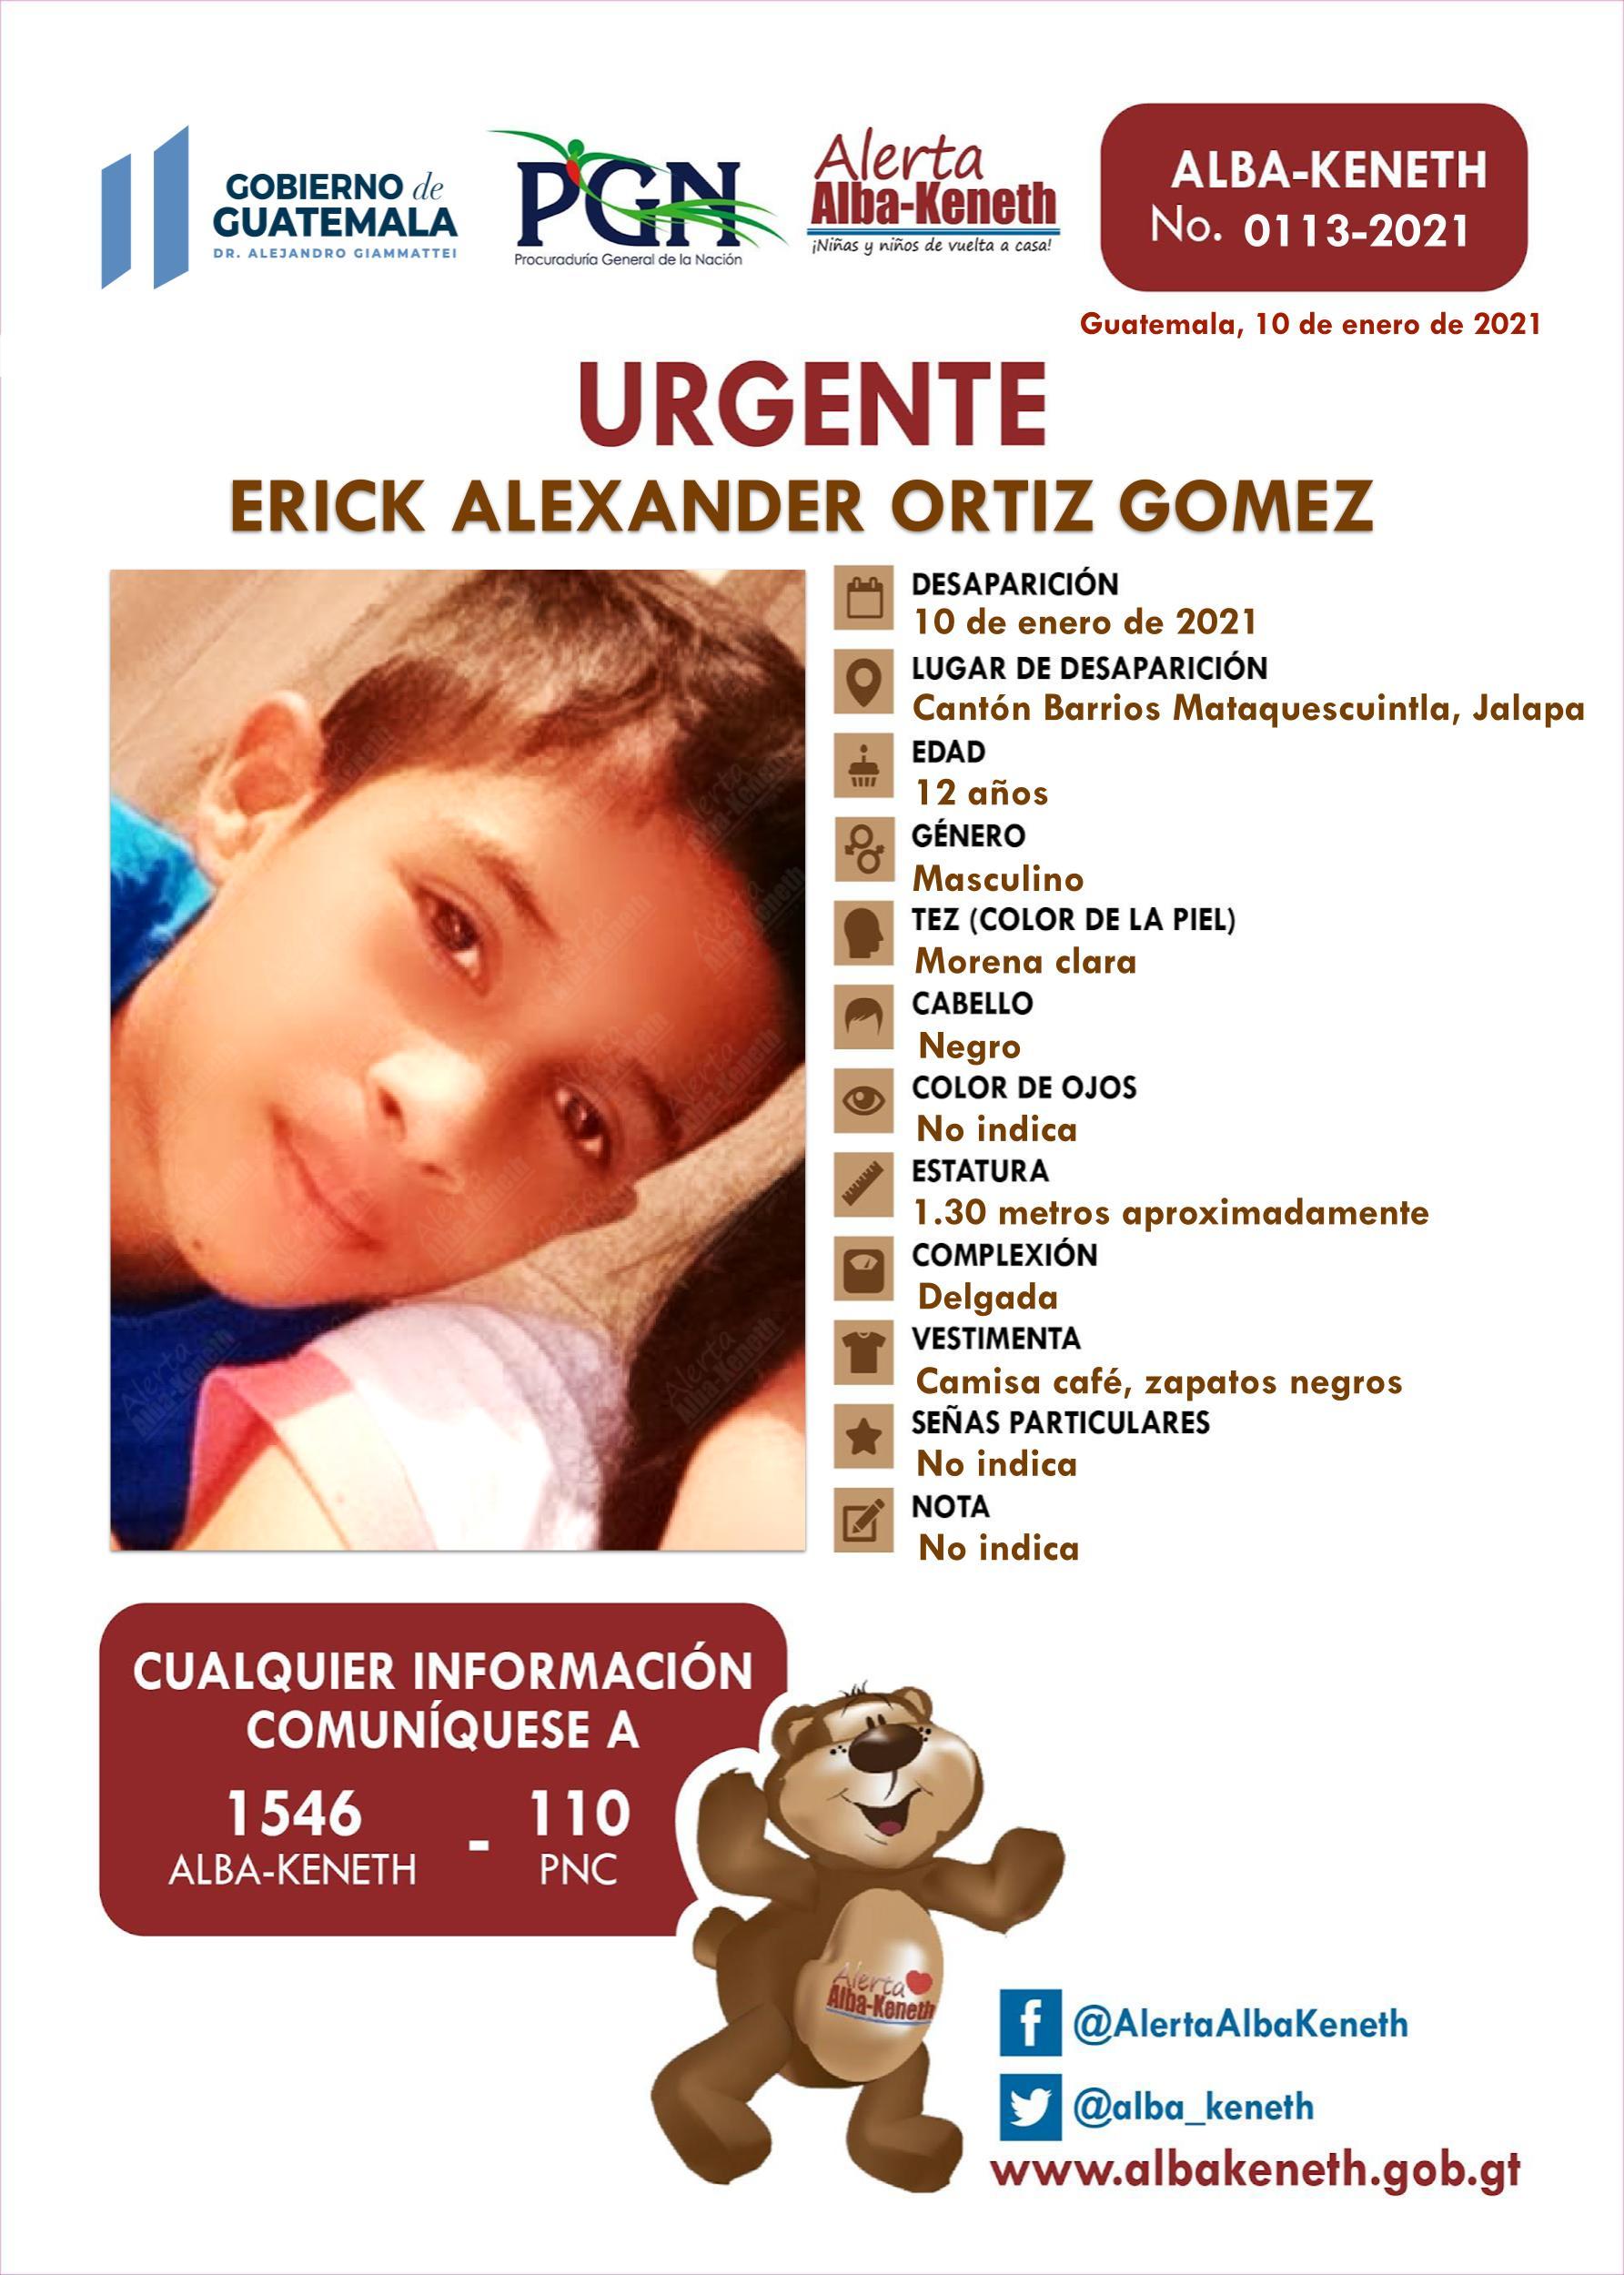 Erick Alexander Ortiz Gomez